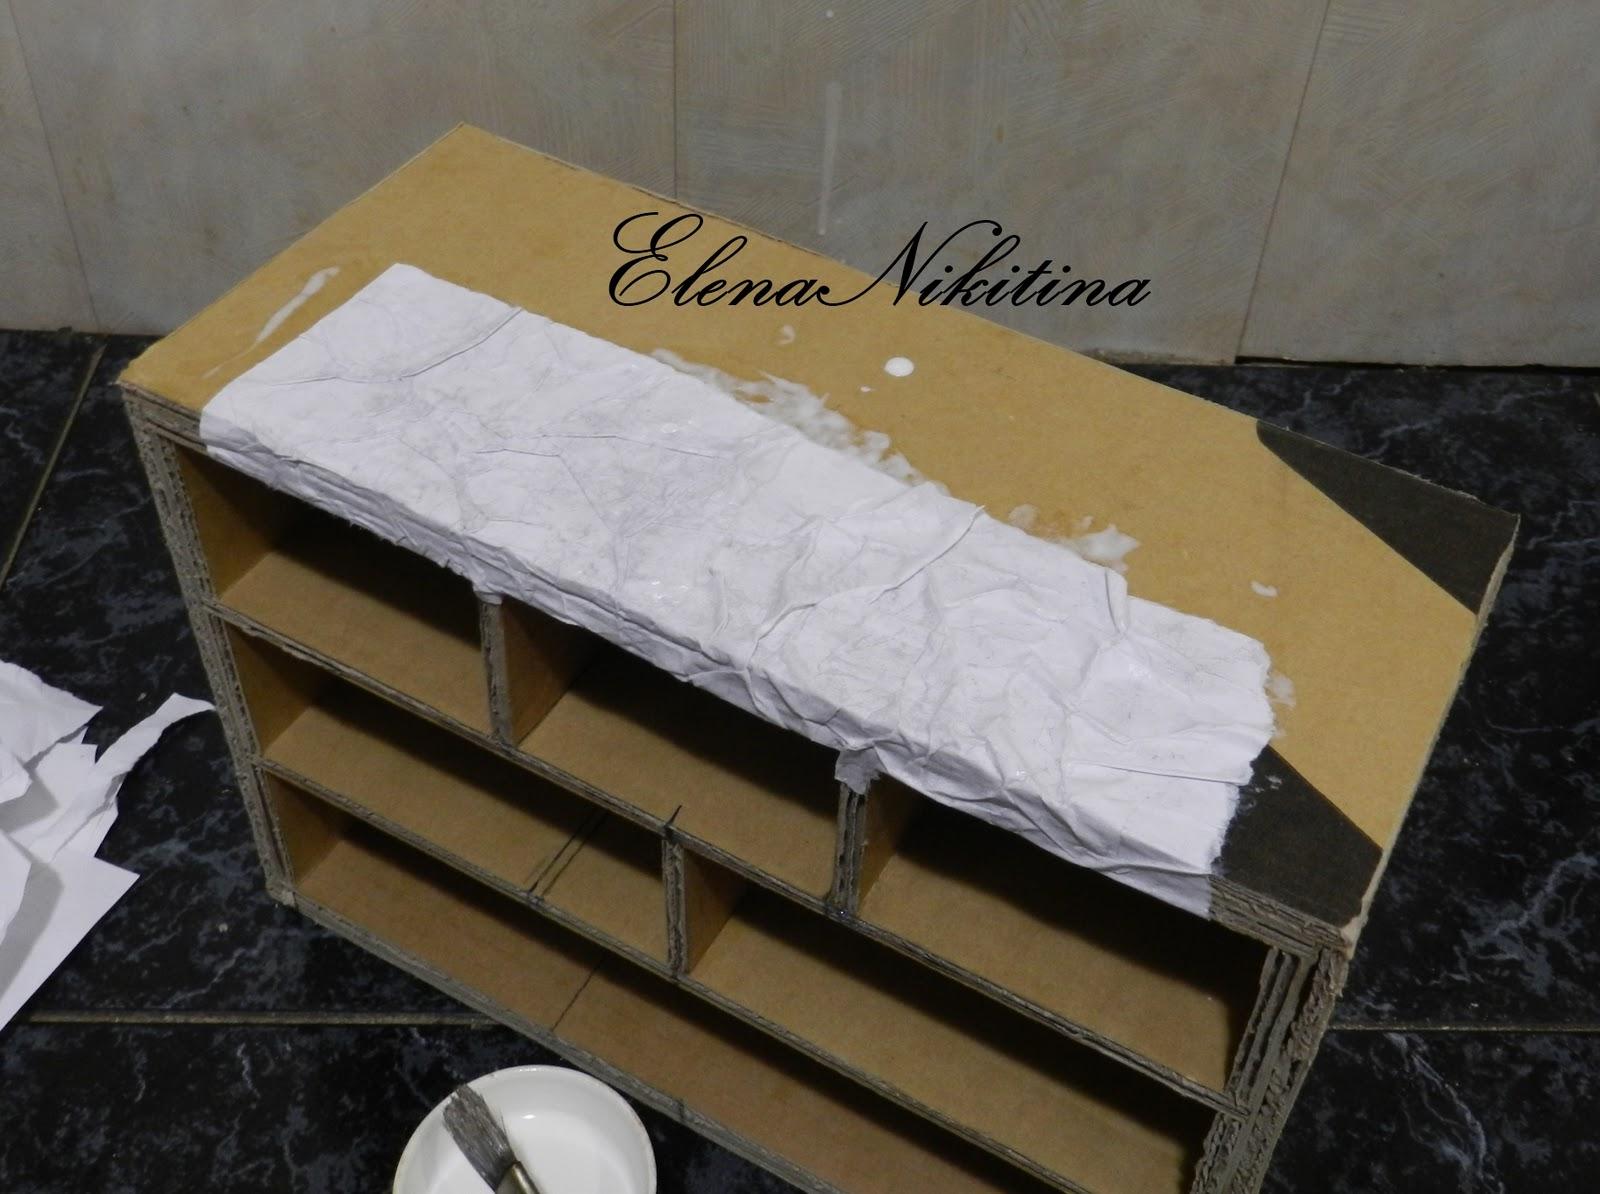 Шкатулка из картона для бижутерии своими руками